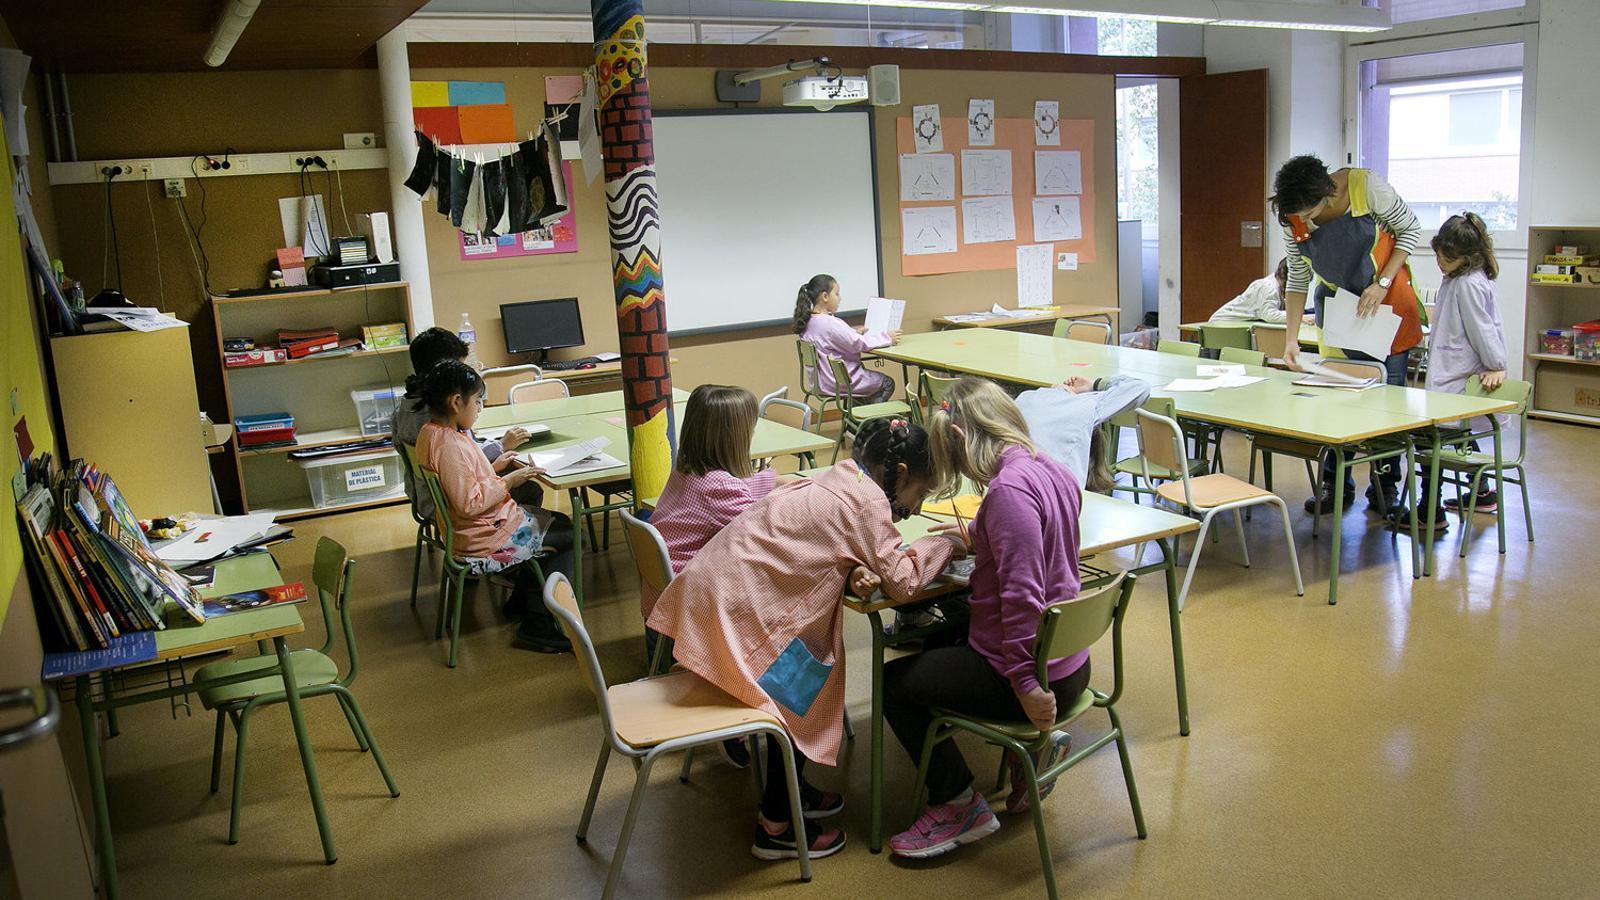 El PP no només vol ampliar les hores de castellà sinó que també denuncia   Un suposat adoctrinament a les aules catalanes.